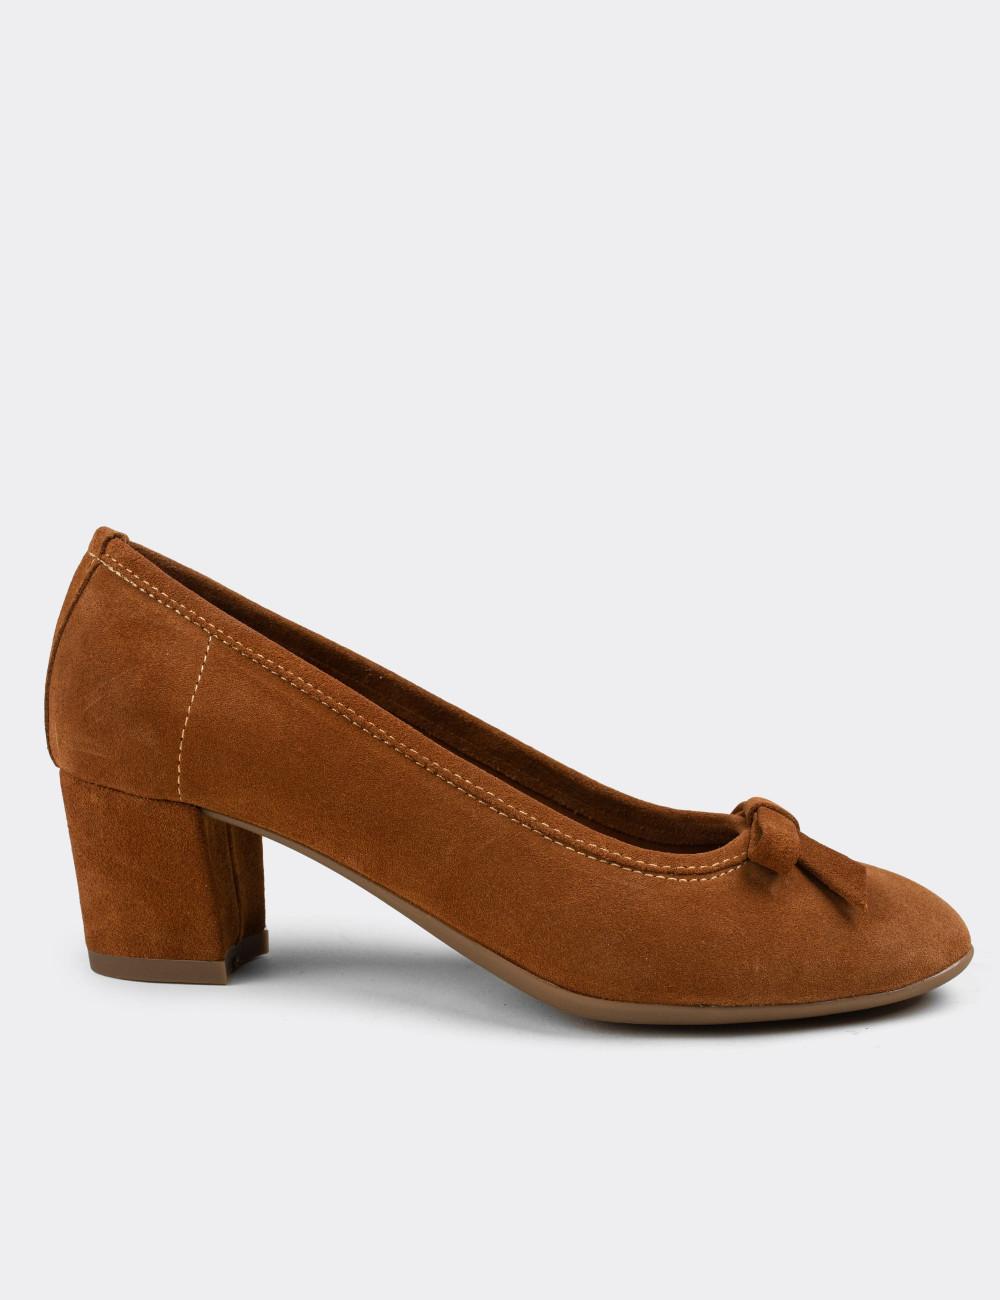 Hakiki Süet Taba Rengi Günlük Kadın Ayakkabı - E1471ZTBAC01